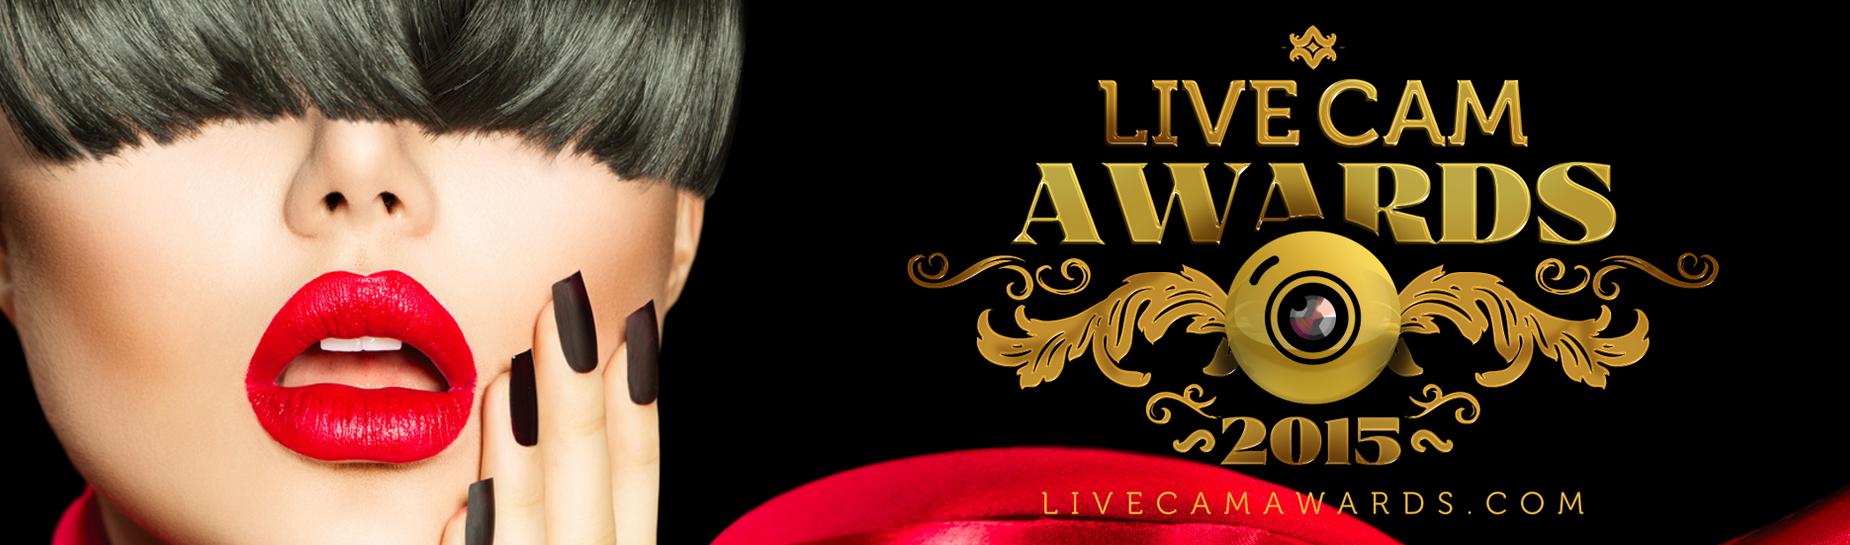 2015 Live Cam Award Show